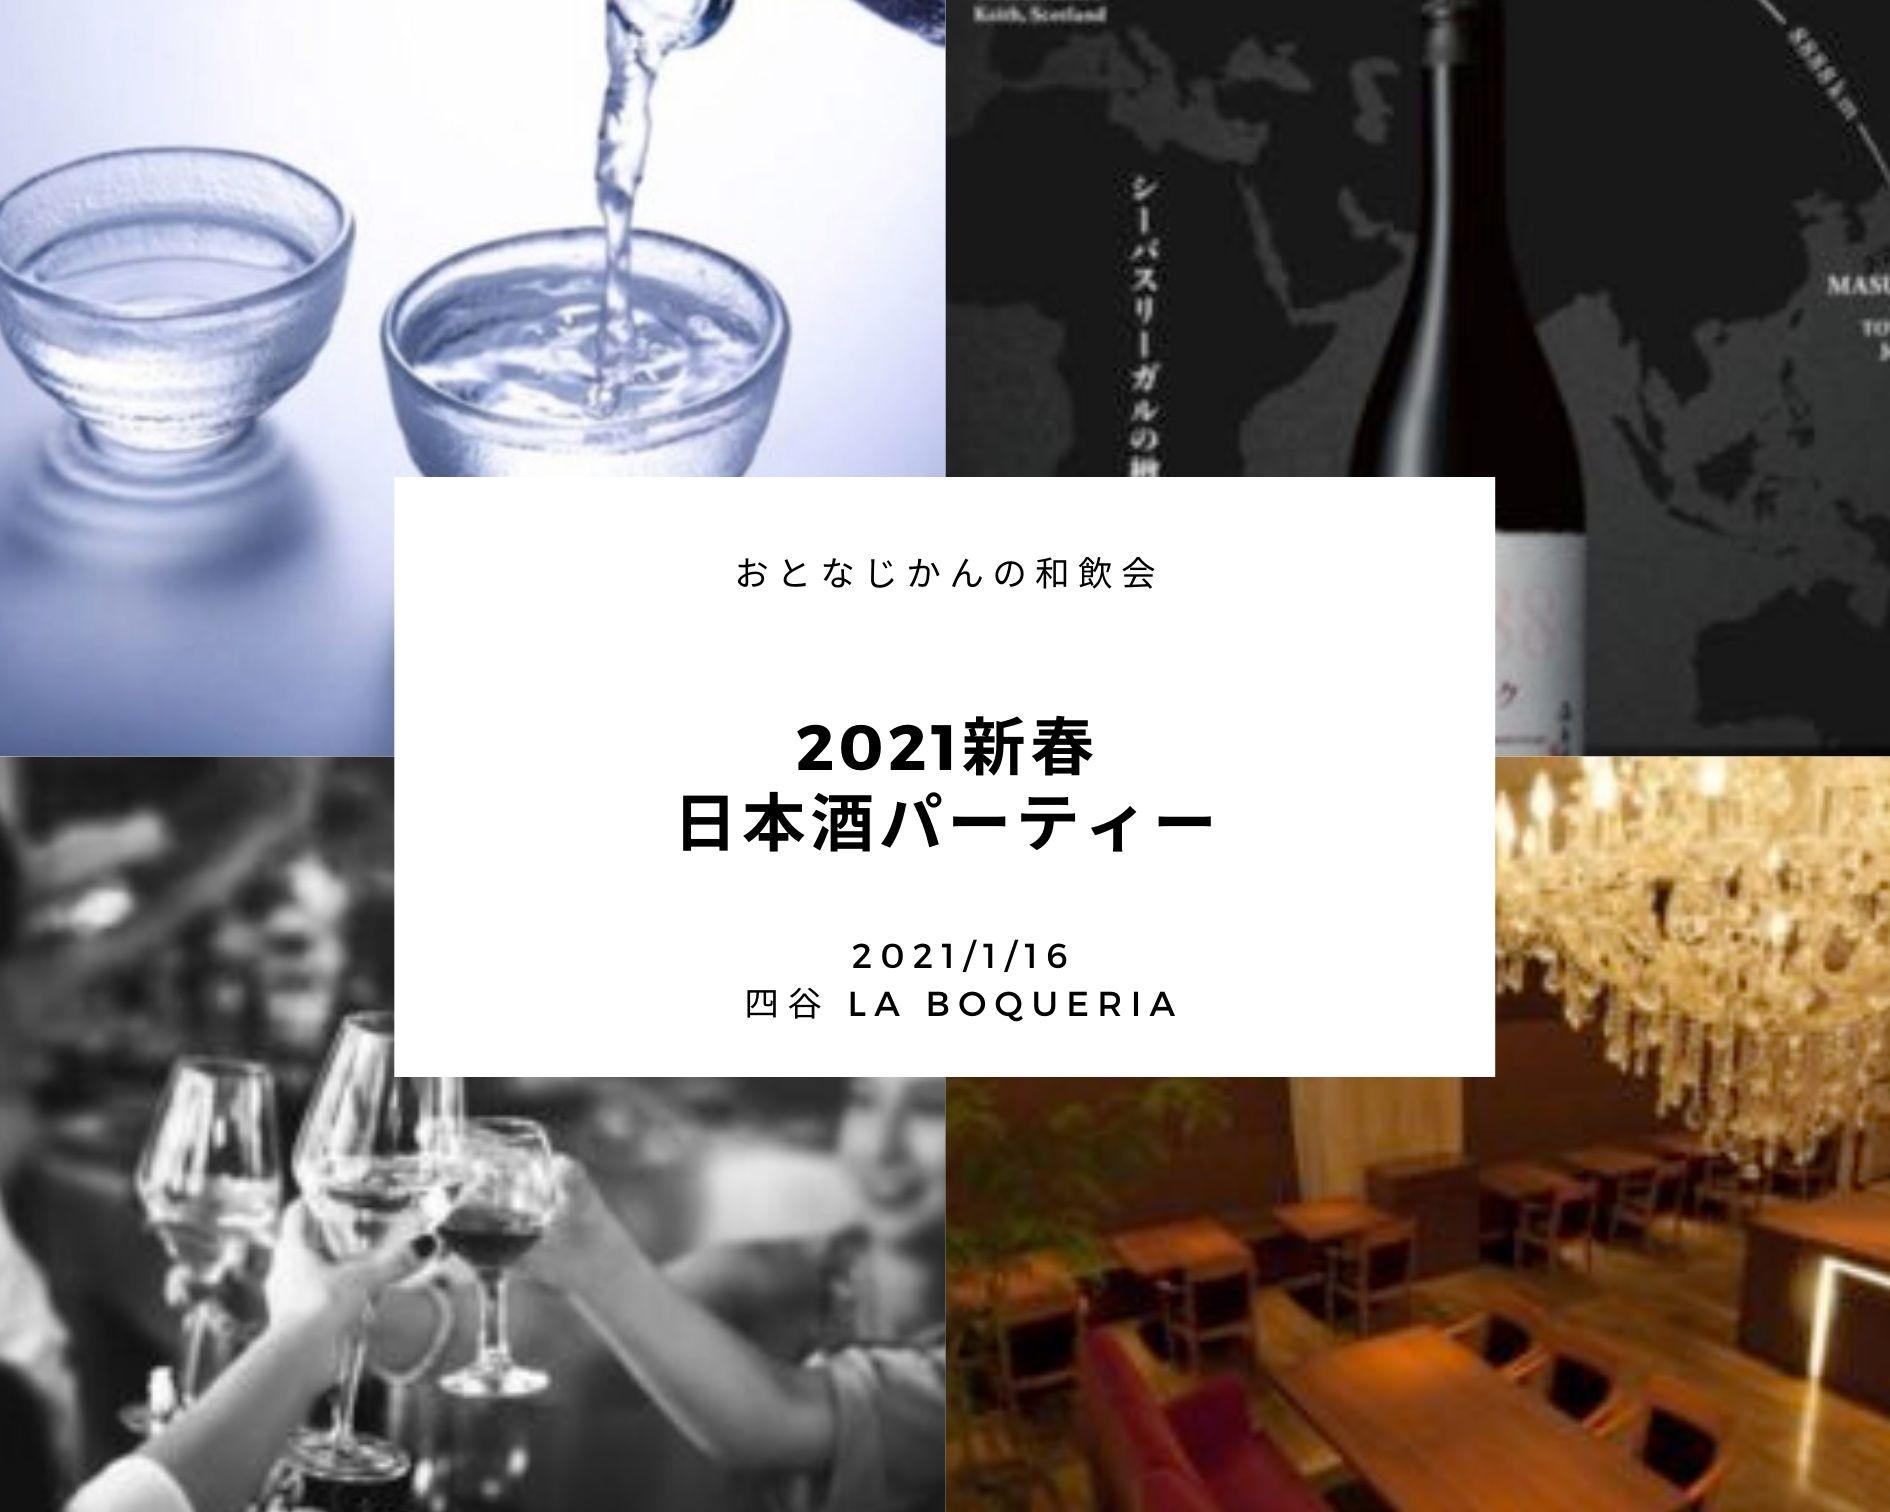 おとなじかんの日本酒会2021年1月16日開催